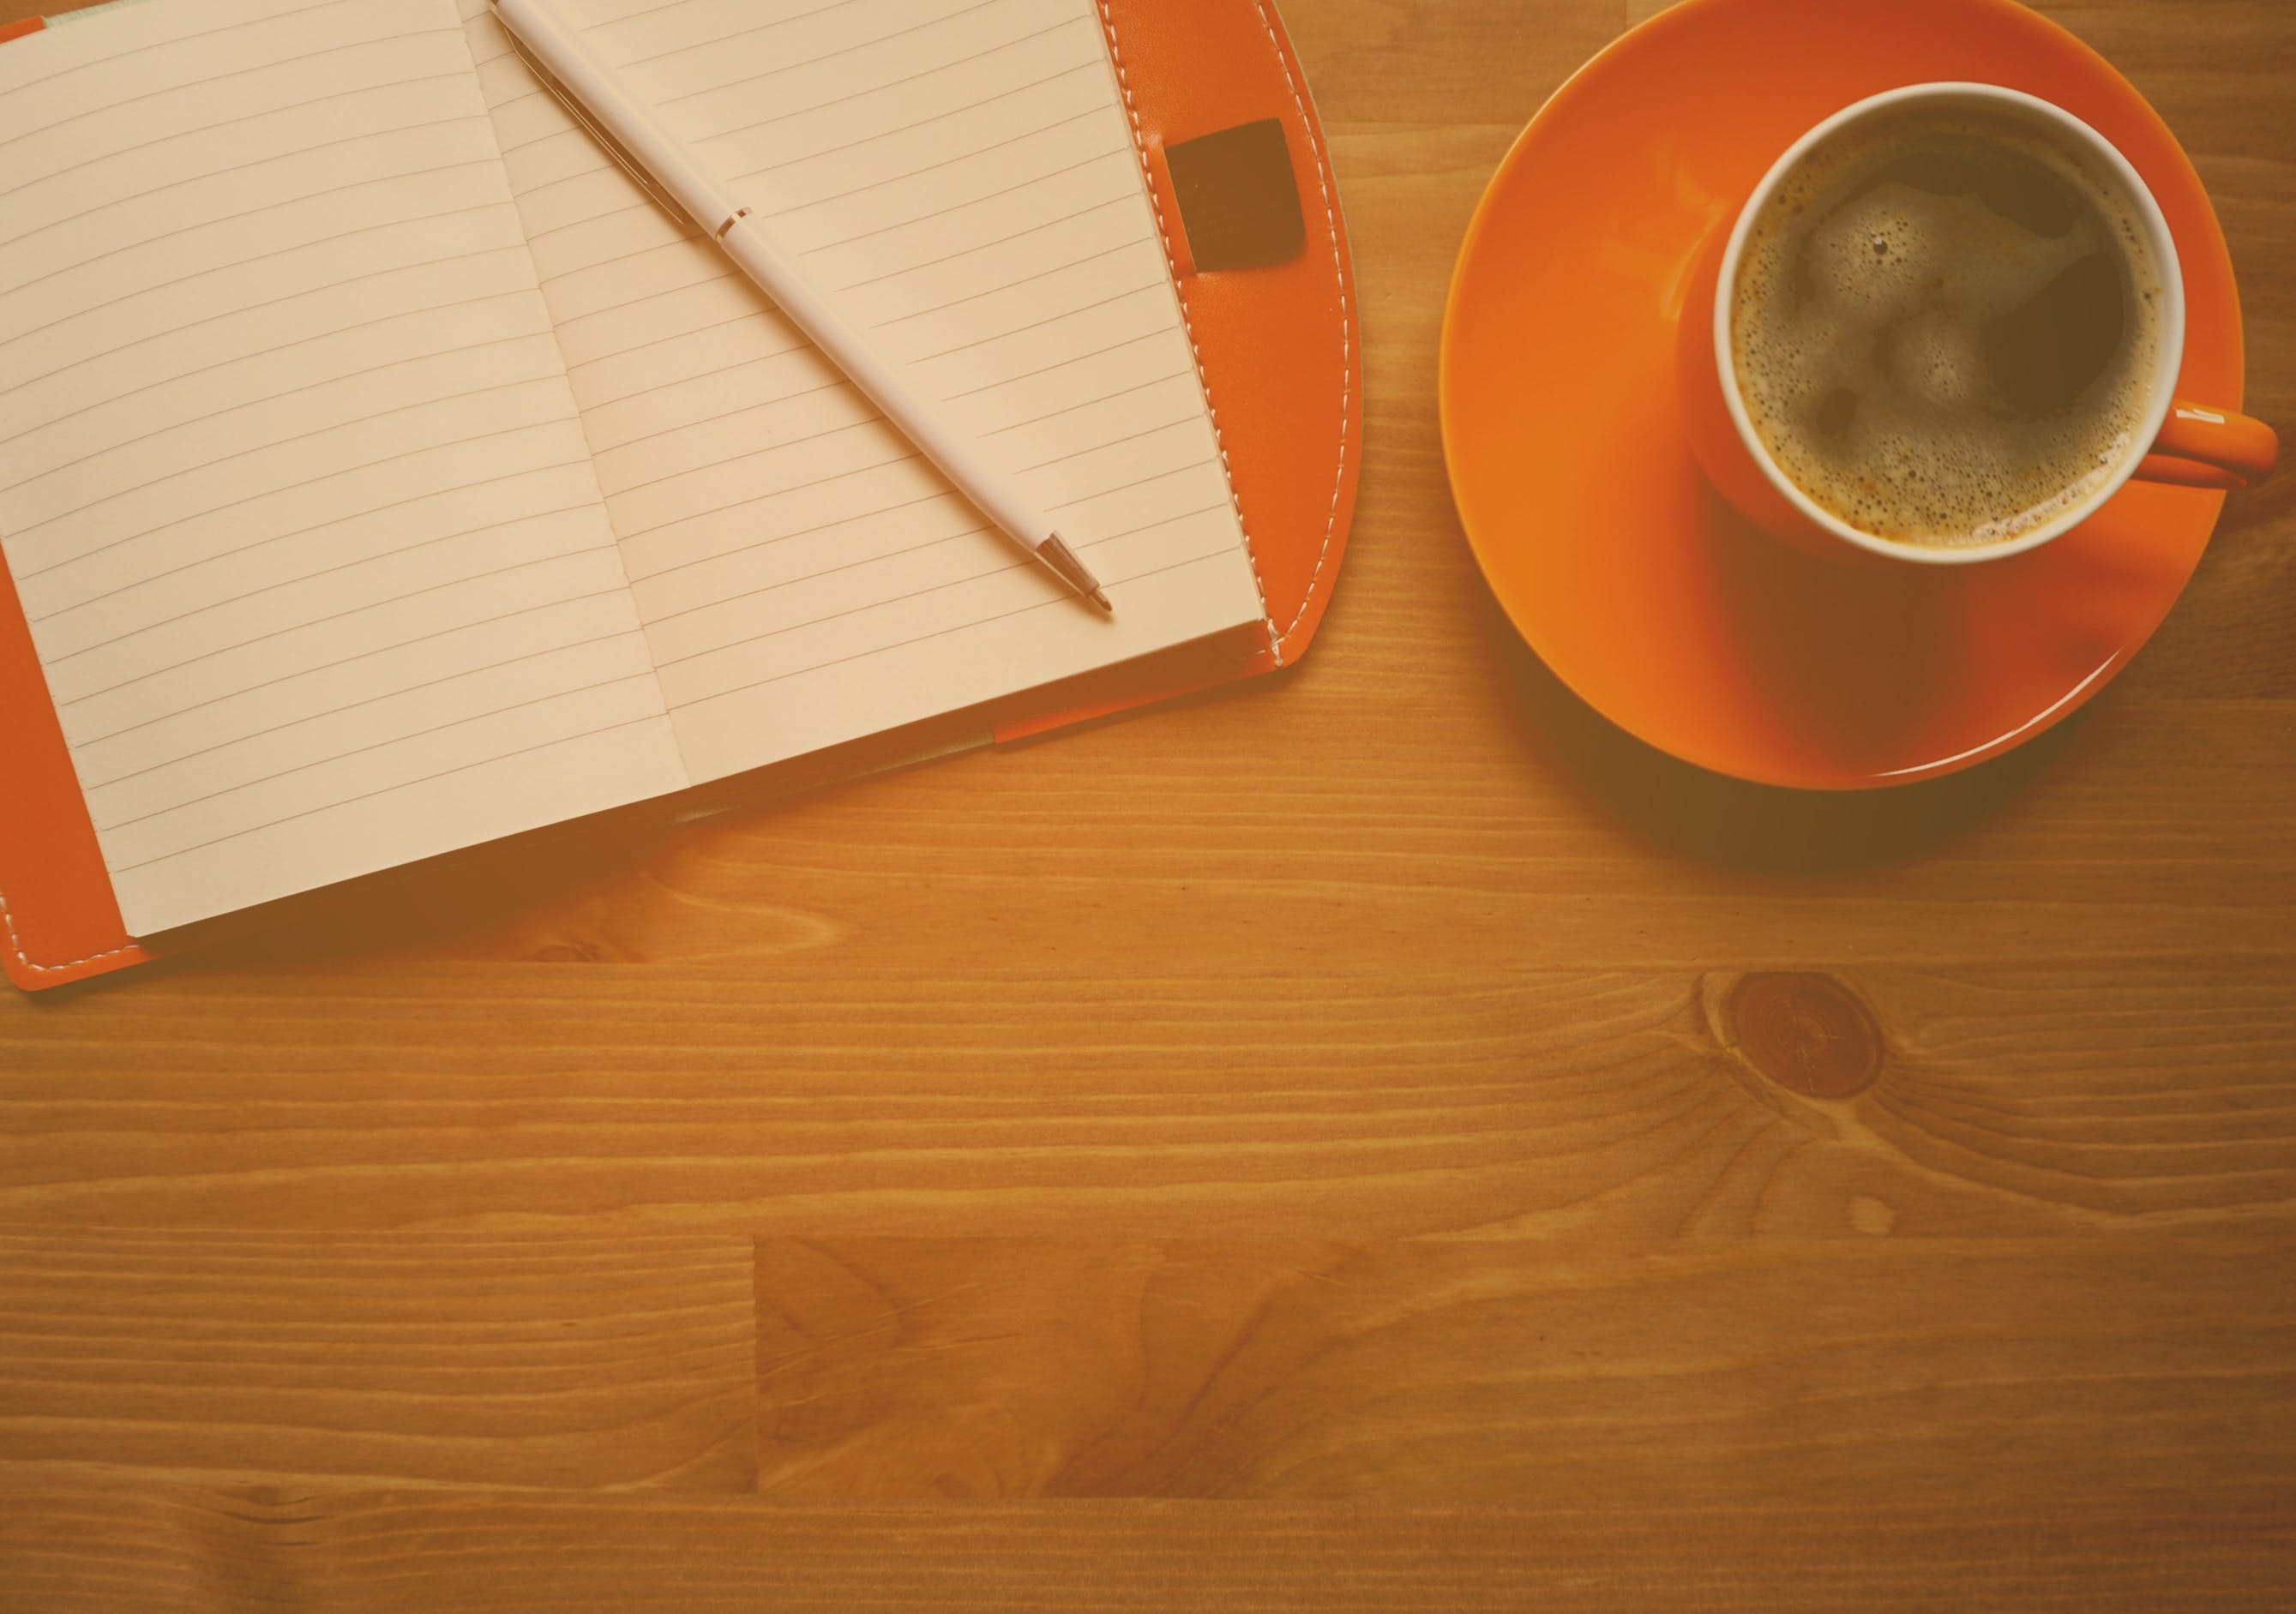 Kostenloses Stock Foto zu koffein, kaffee, tasse, notizbuch